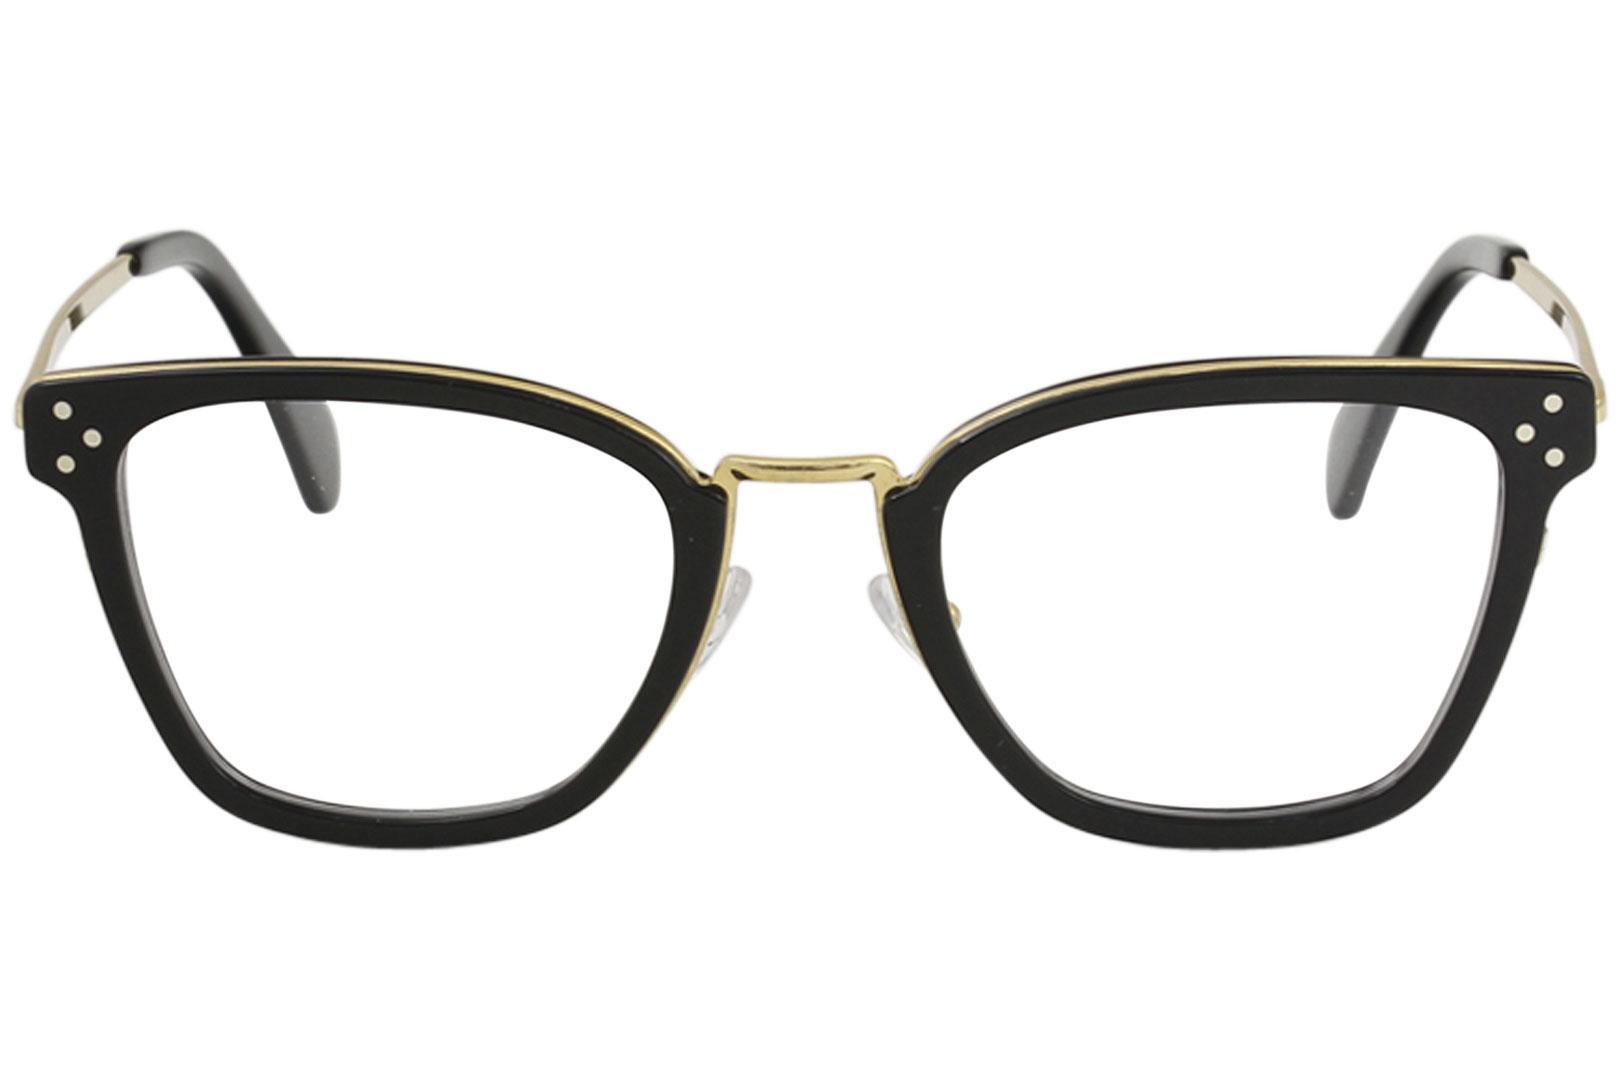 bc275d2cee2 Celine Women s Eyeglasses CL50002U CL 50002 U Full Rim Optical Frame by  Celine. 12345